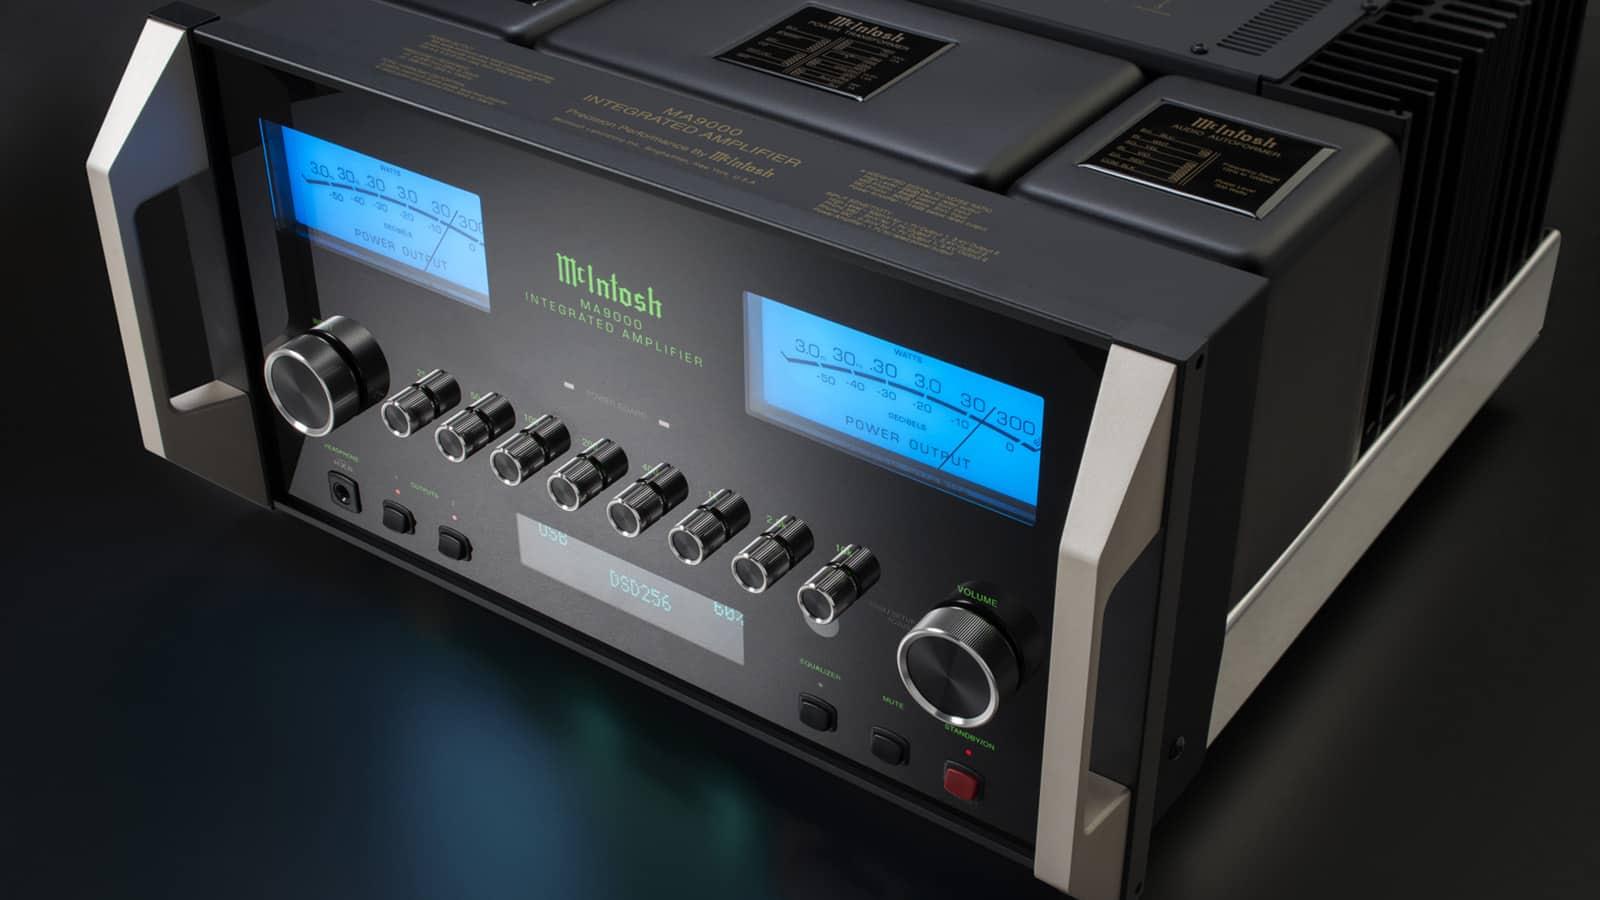 mcintosh-ma9000-integrated-amplifier